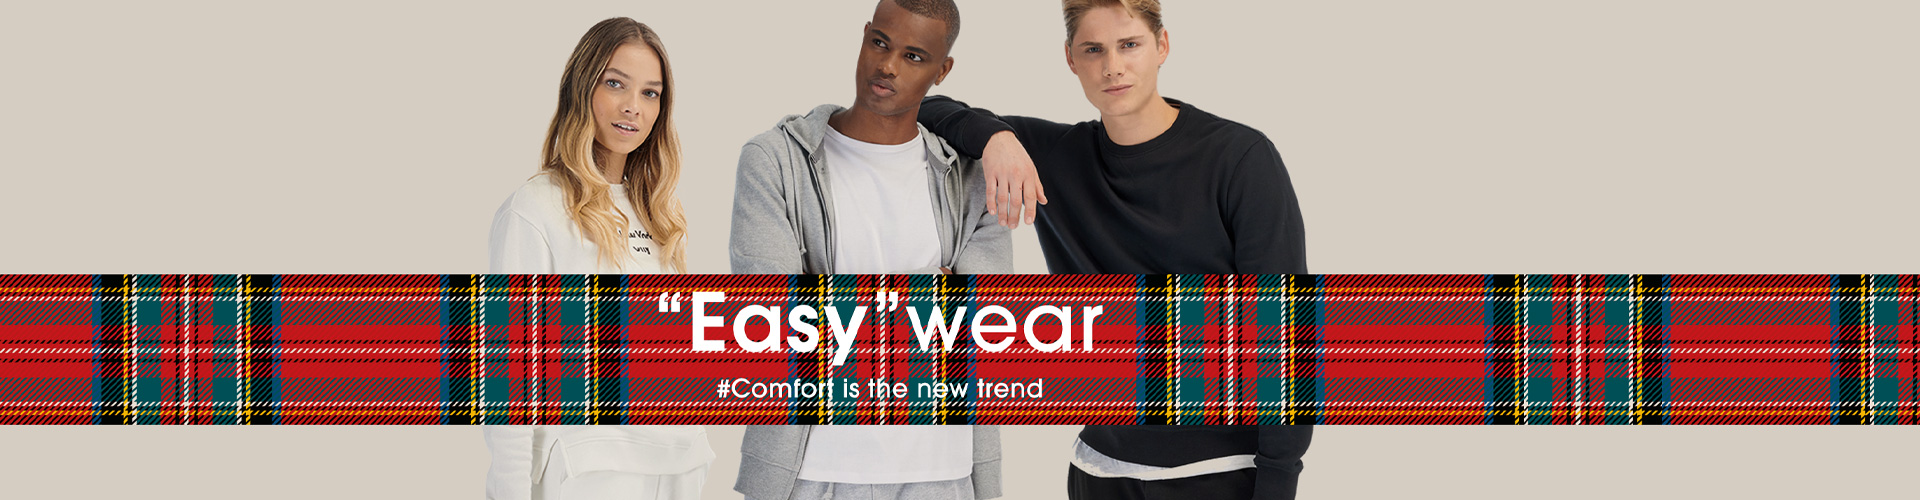 easy-wear